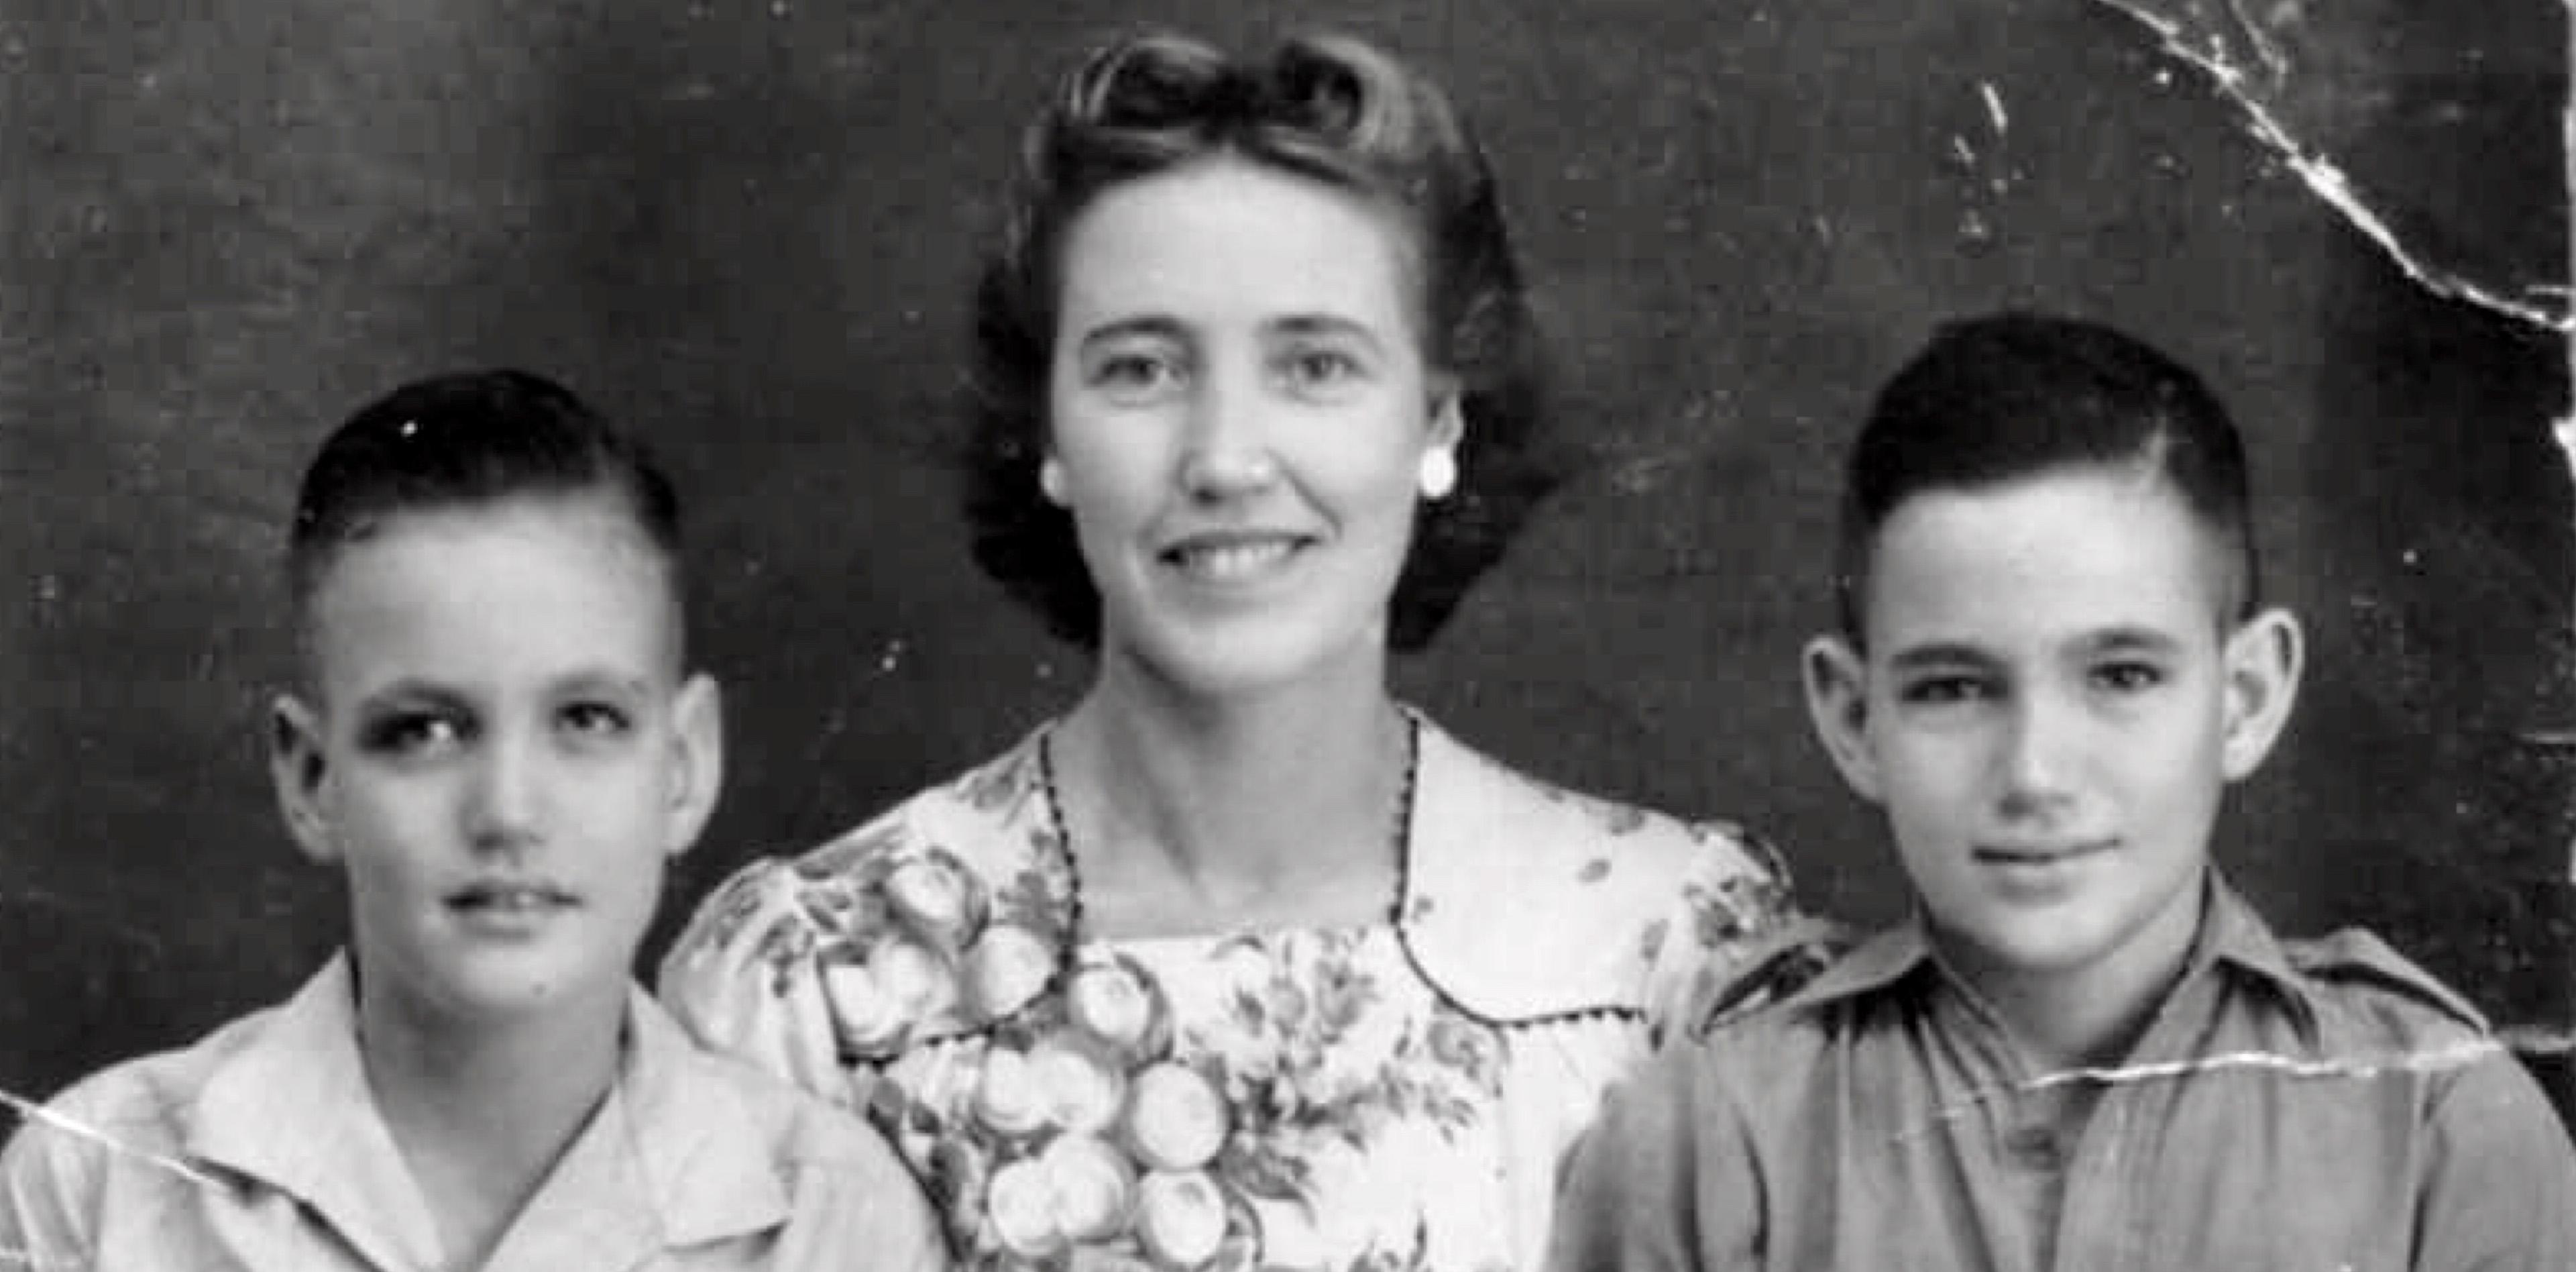 Dick Sijpestijn valt zijn moeder in de armen: 'Wat gek, ik ben zo gelukkig en ik huil'